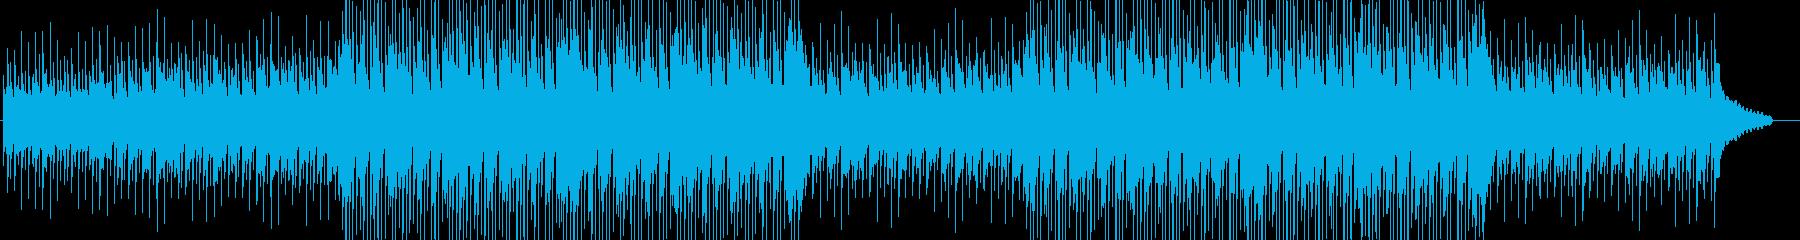 ウクレレ、ほのぼの、南国、夏、ビーチ、Bの再生済みの波形